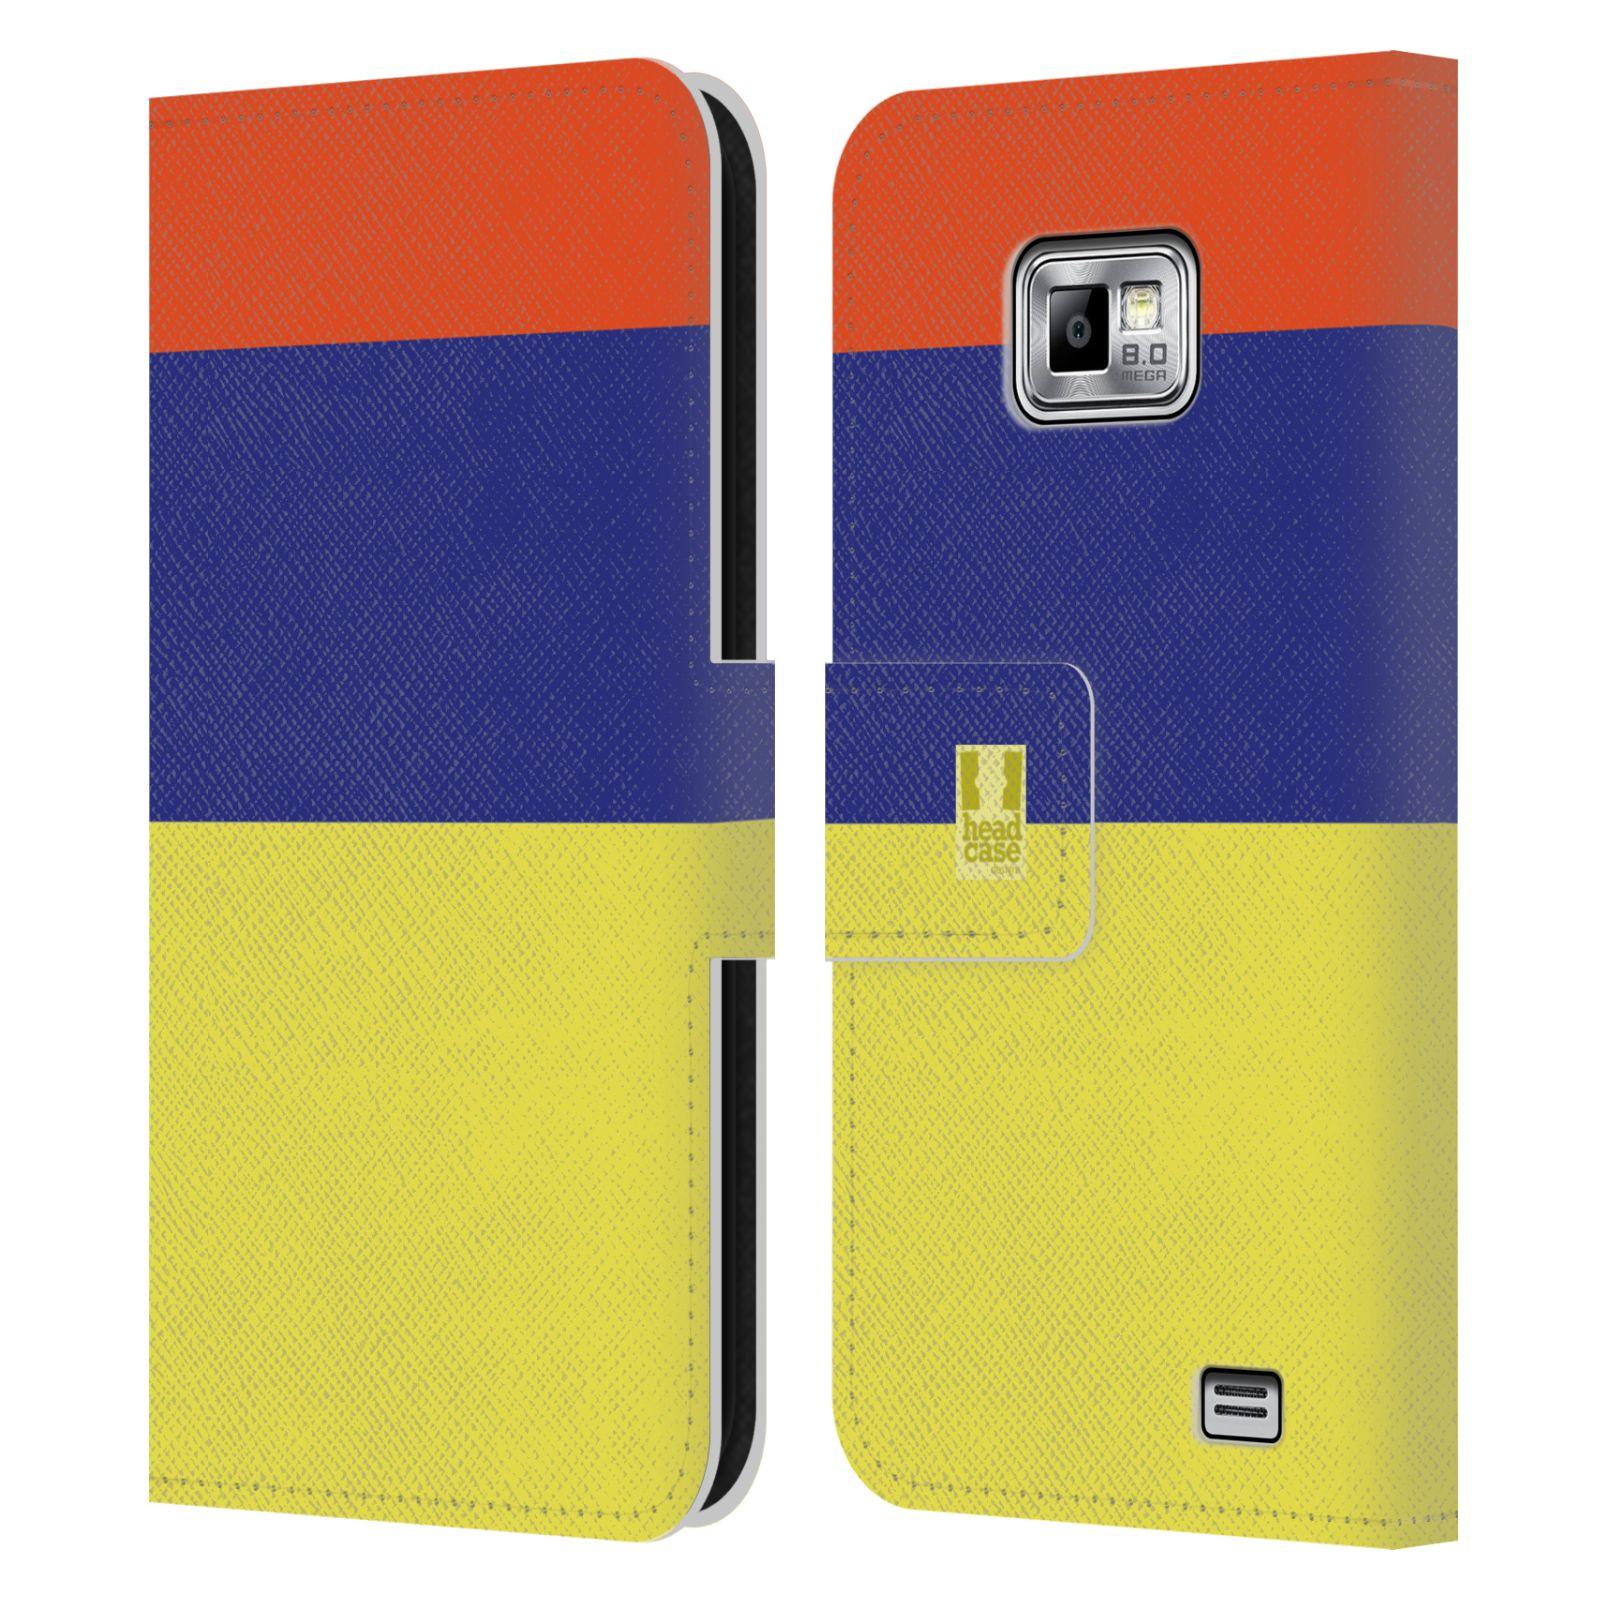 HEAD CASE Flipové pouzdro pro mobil Samsung Galaxy S2 i9100 barevné tvary žlutá, modrá, červená